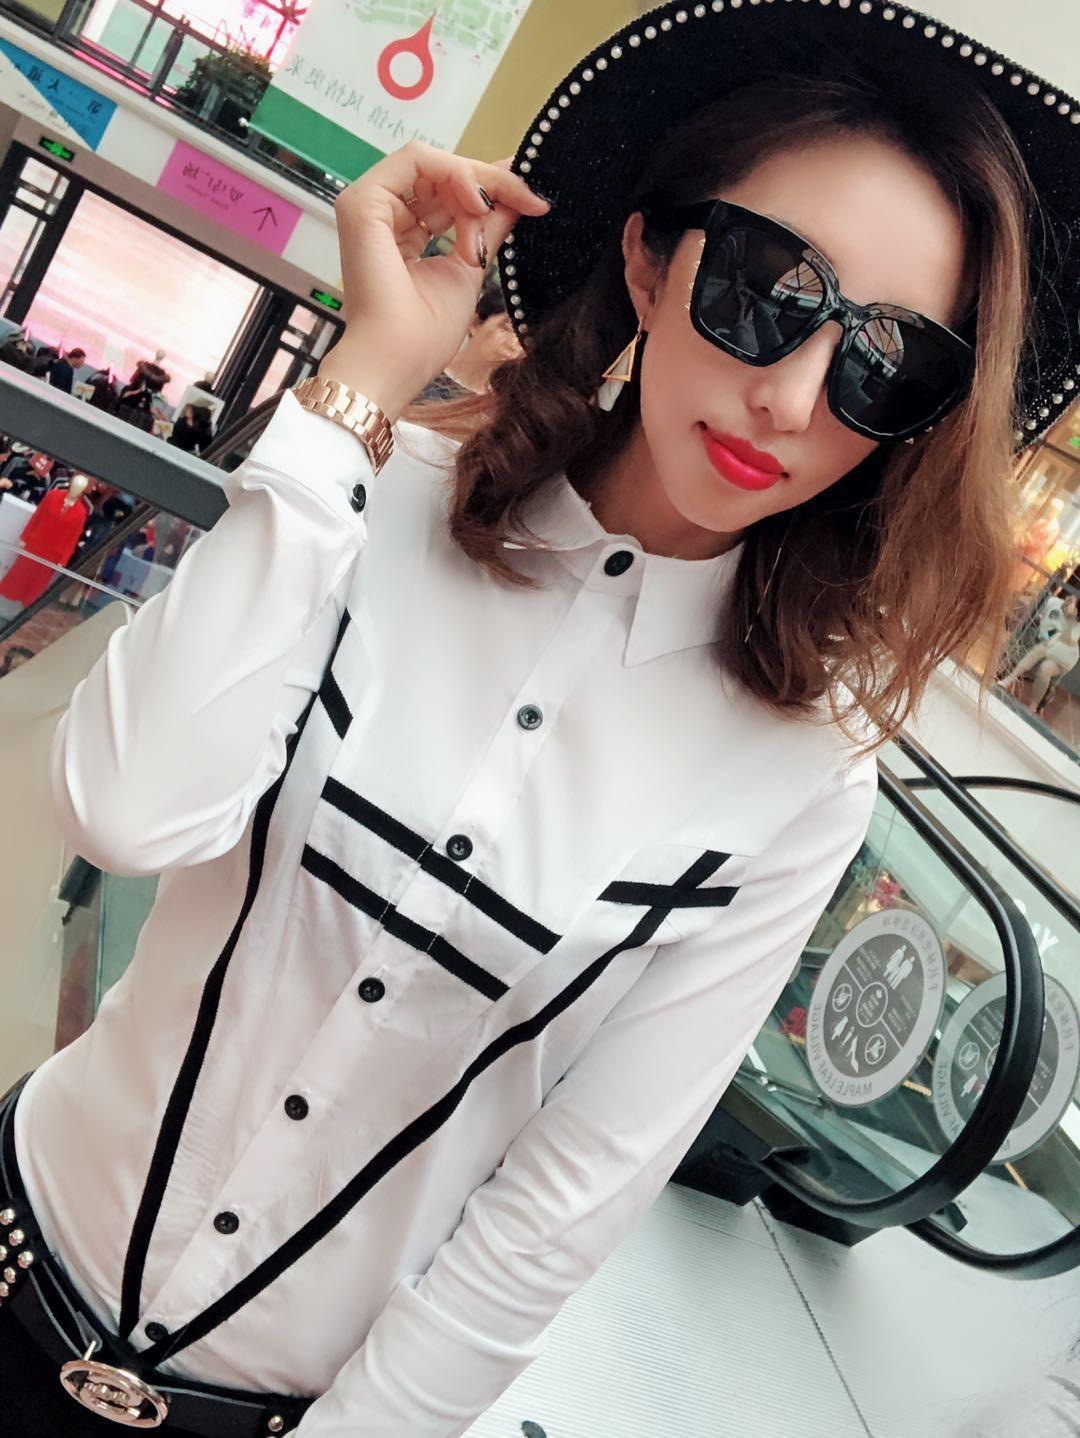 欧洲站2019年女式精品长袖衬衫流行百搭系扣小衫气质新款女装潮货